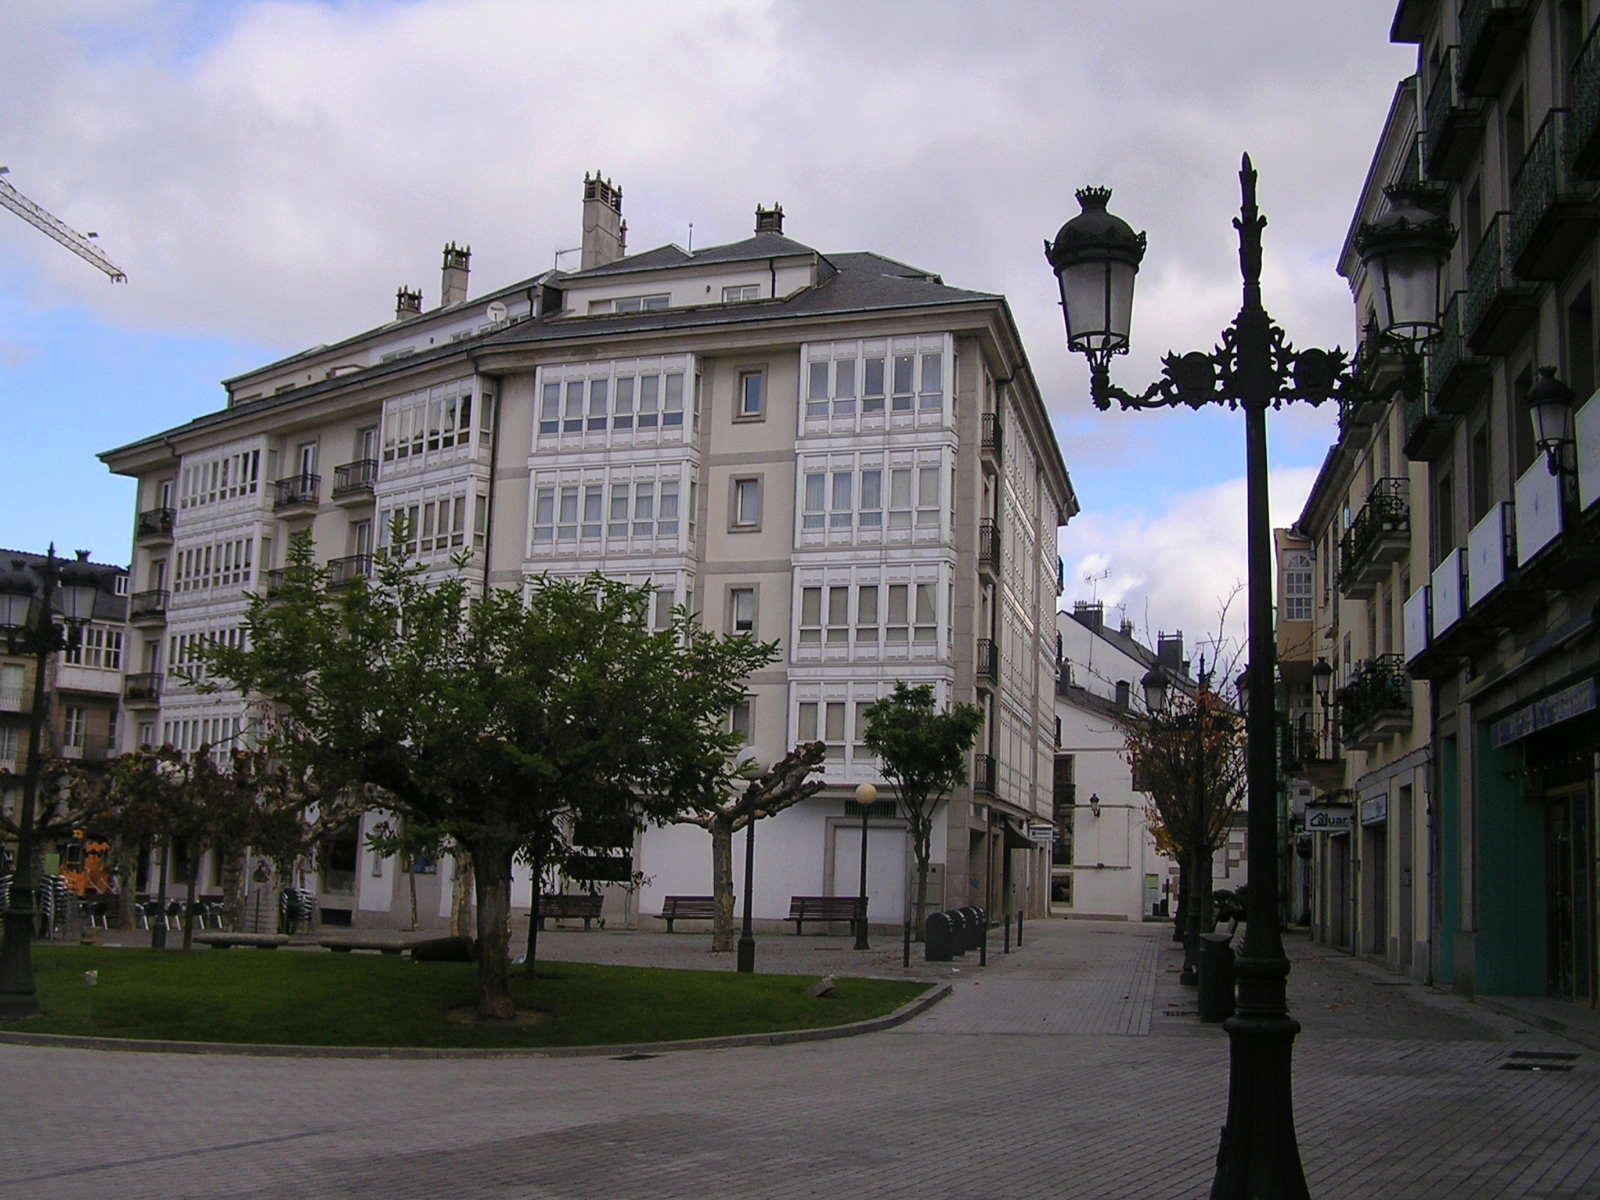 Lugo - Página 4 Lugo_010